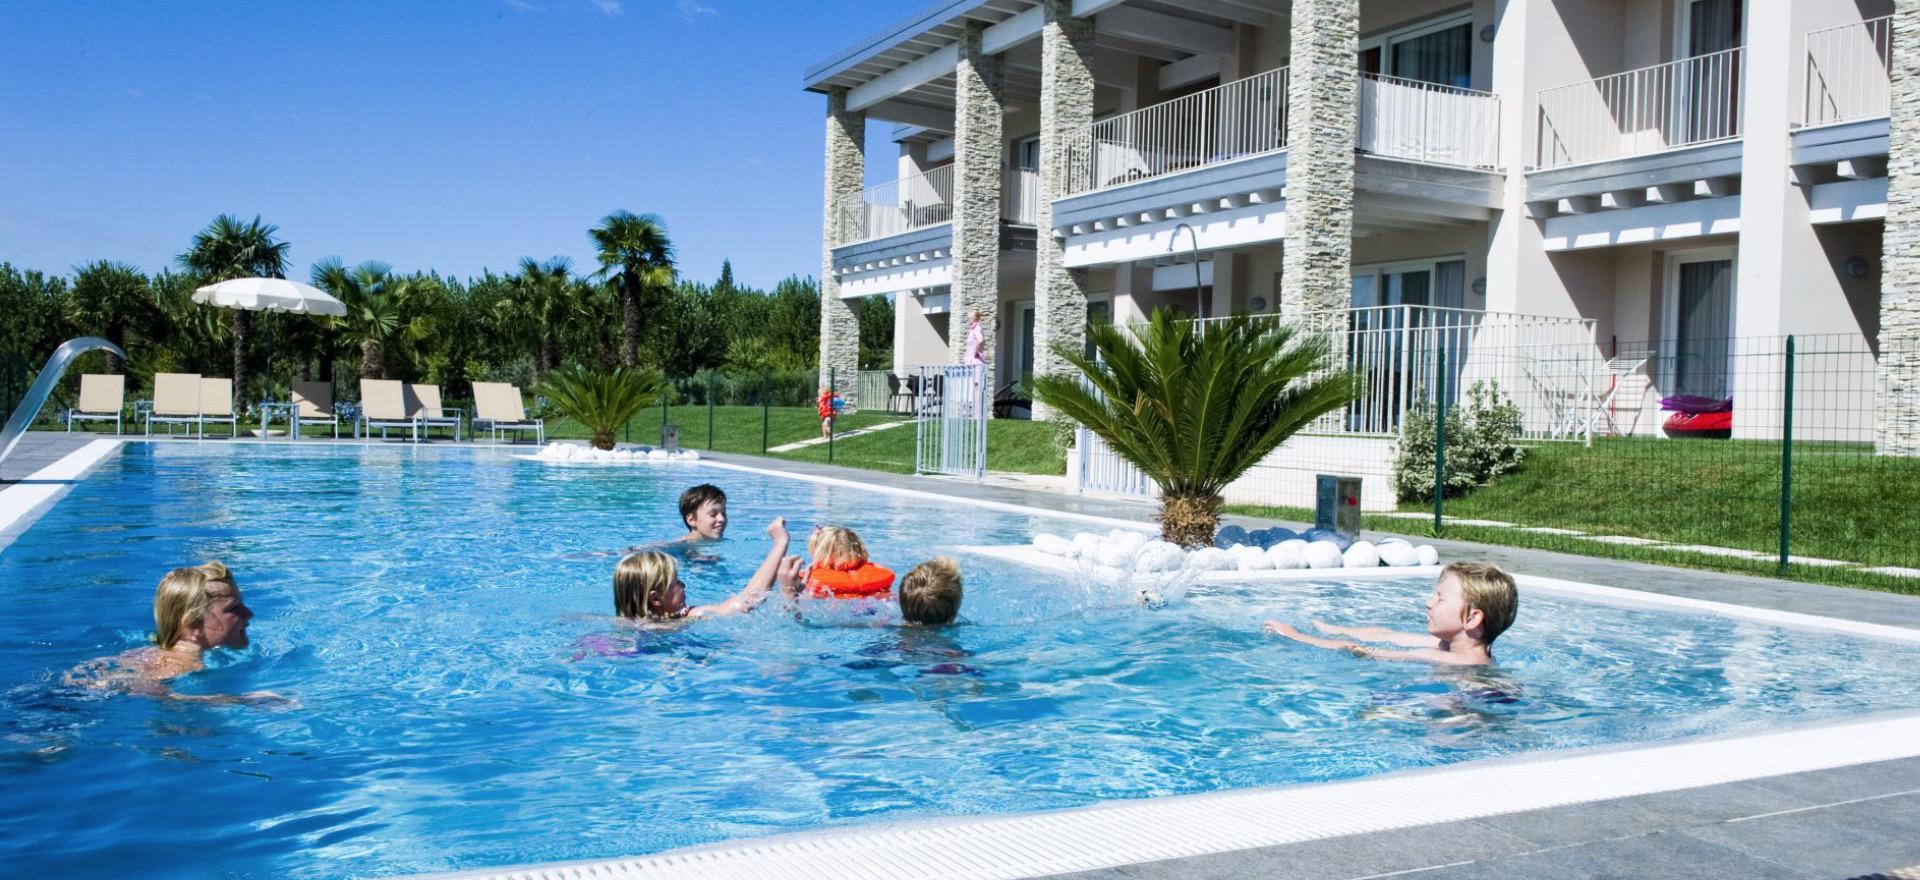 Kindvriendelijke residence op loopafstand van het Gardameer